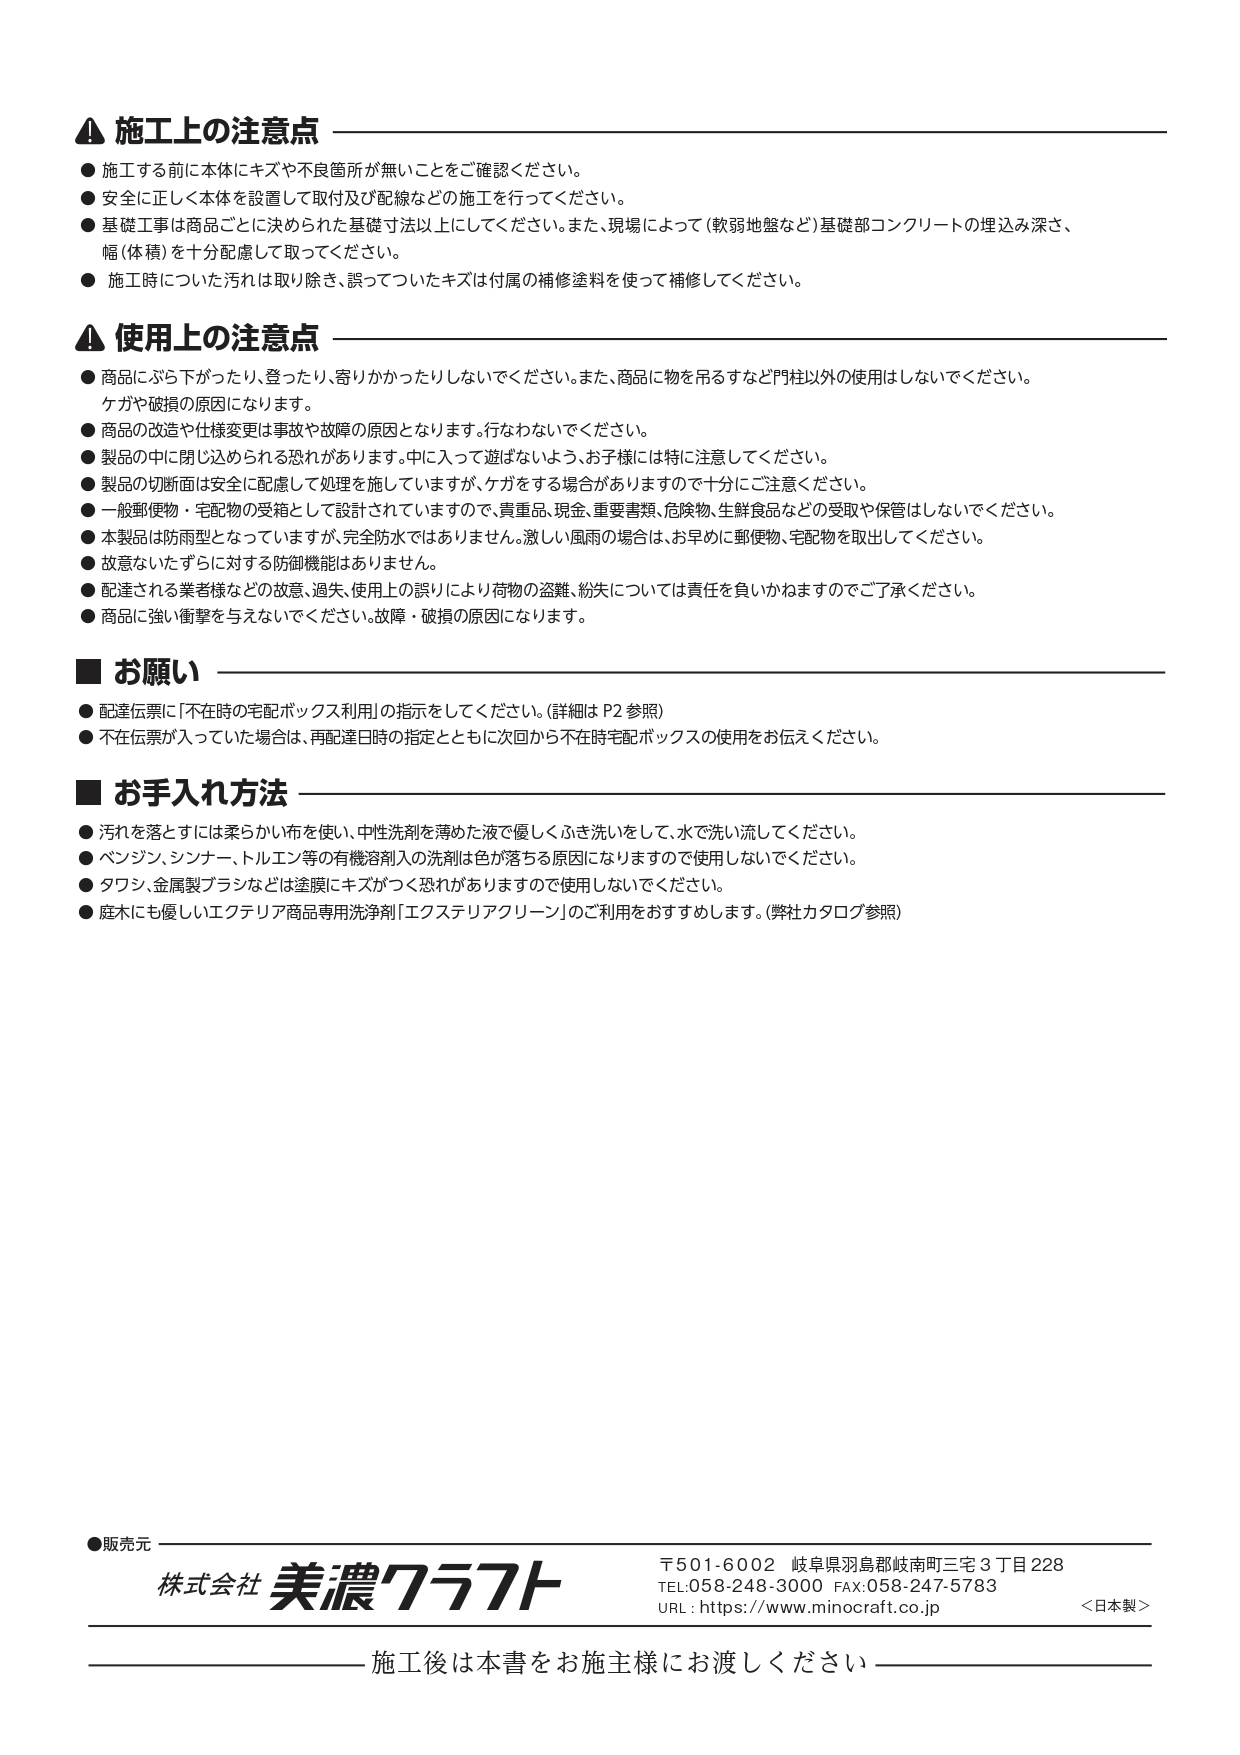 ロッキン 施工説明書_page-0007